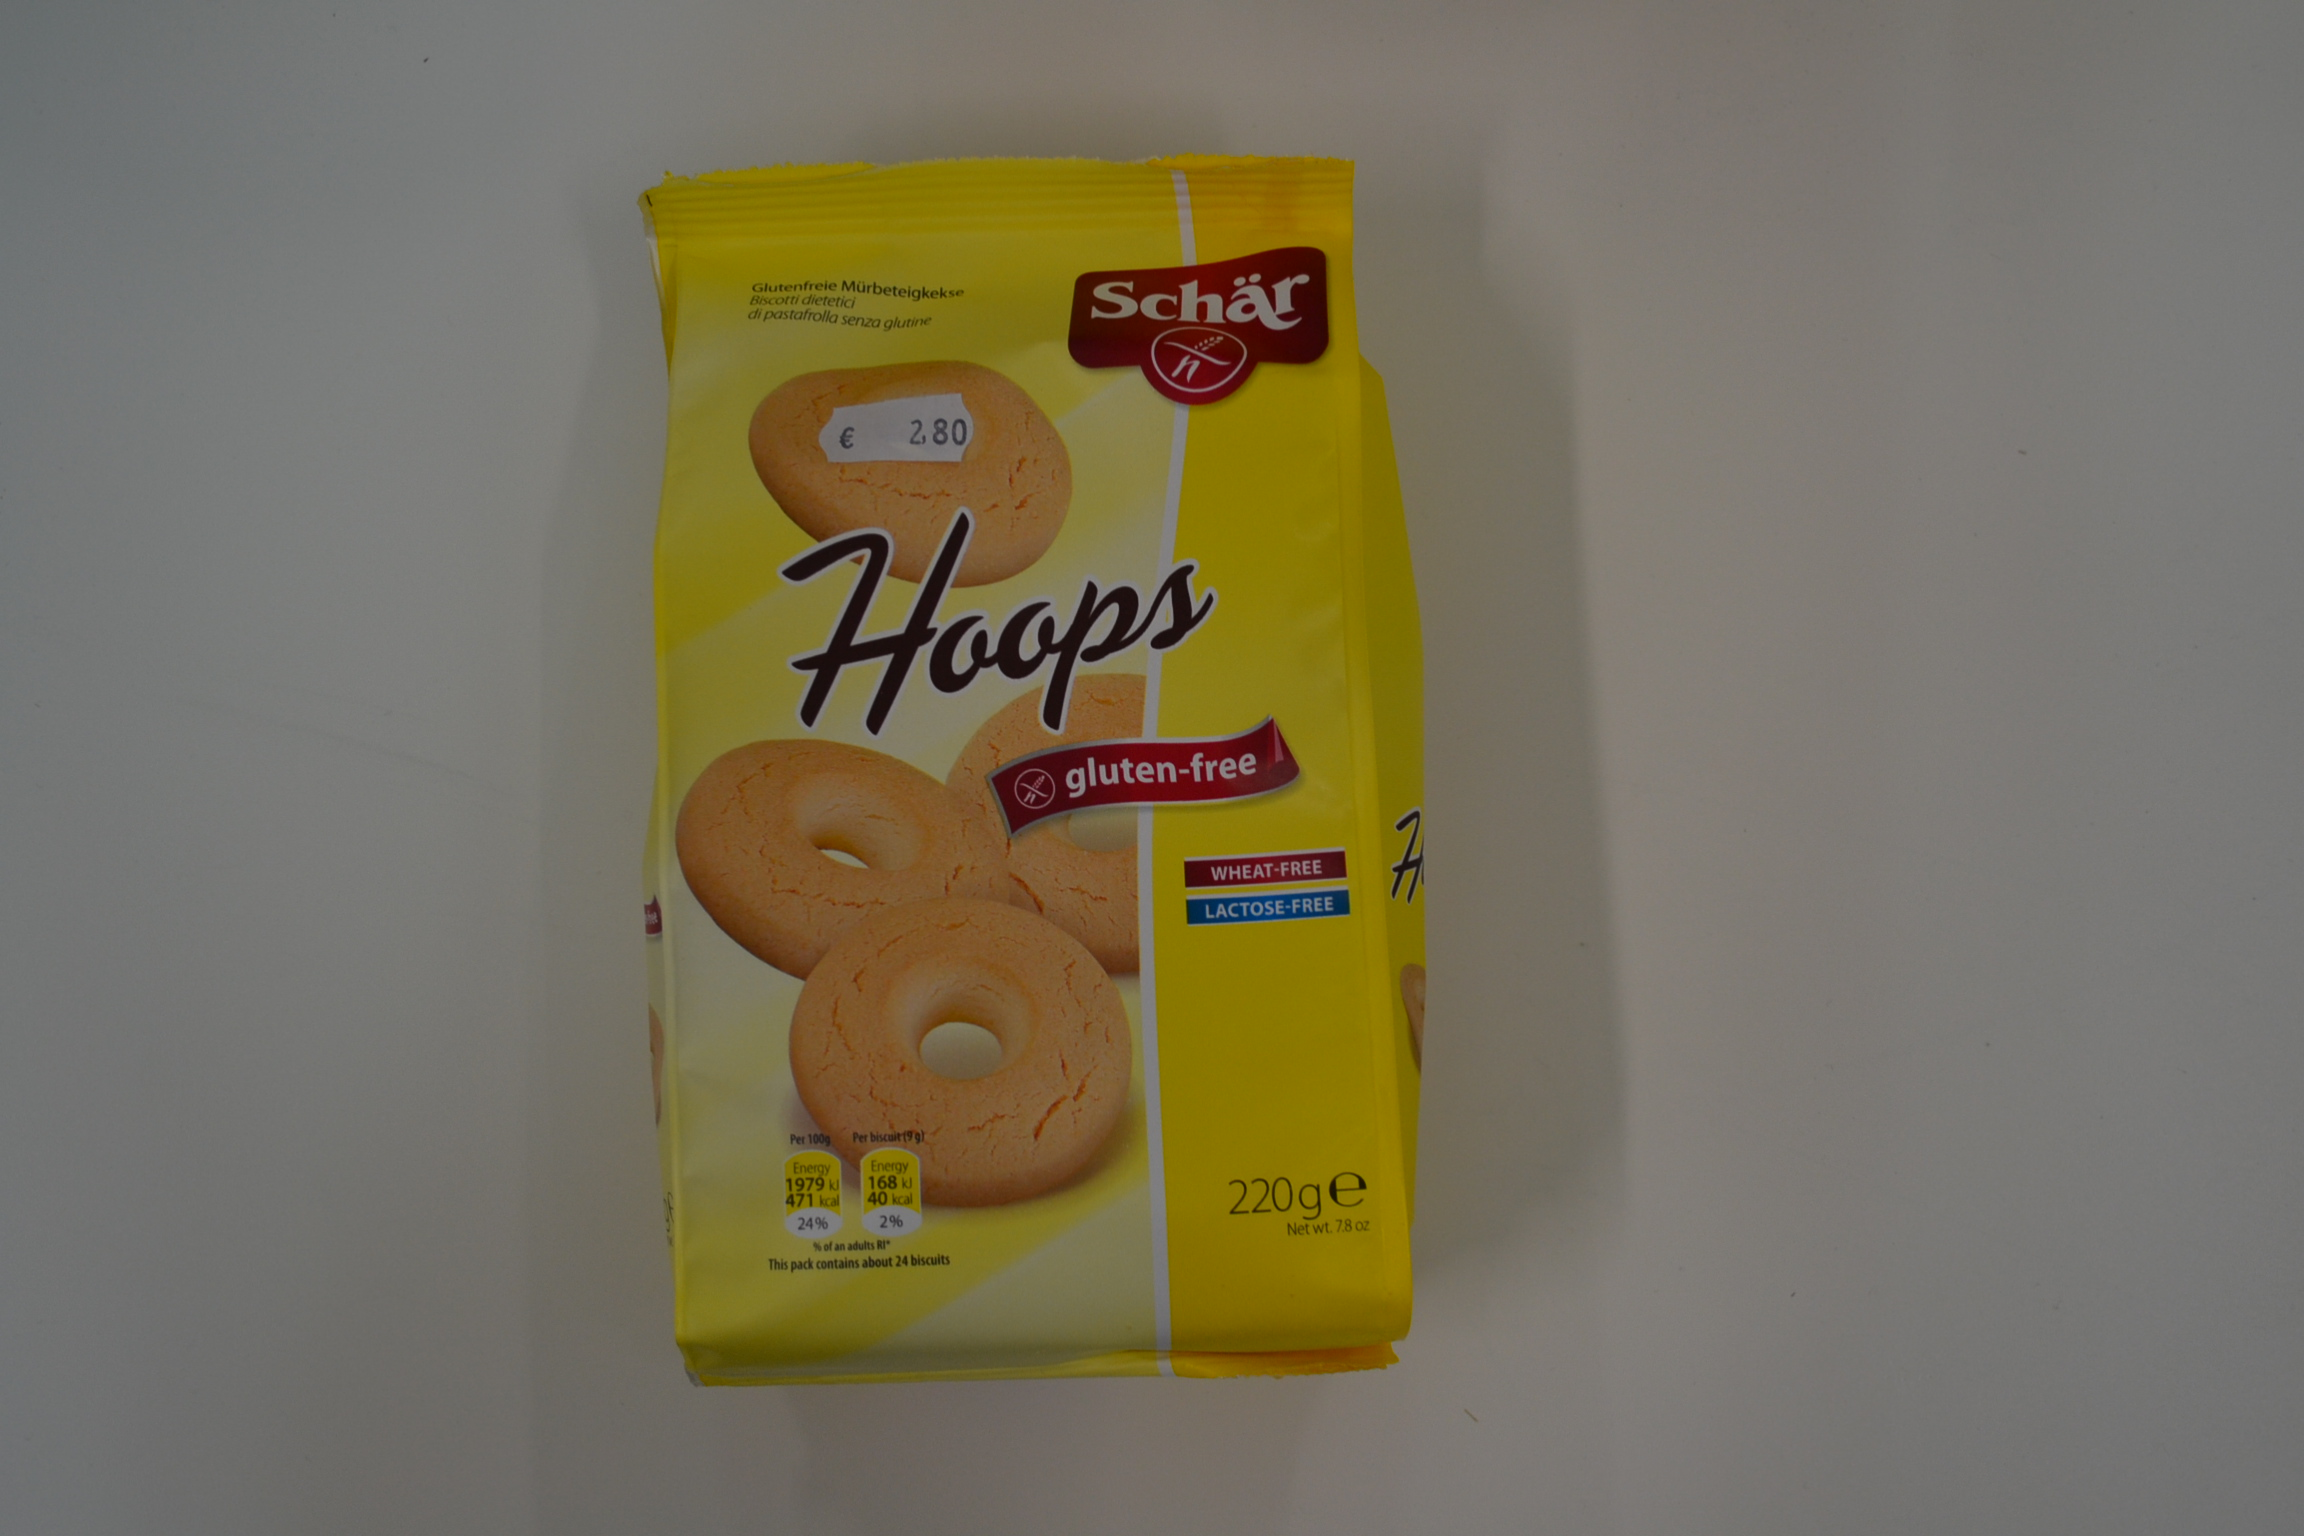 Hoops SCHAR € 2,80